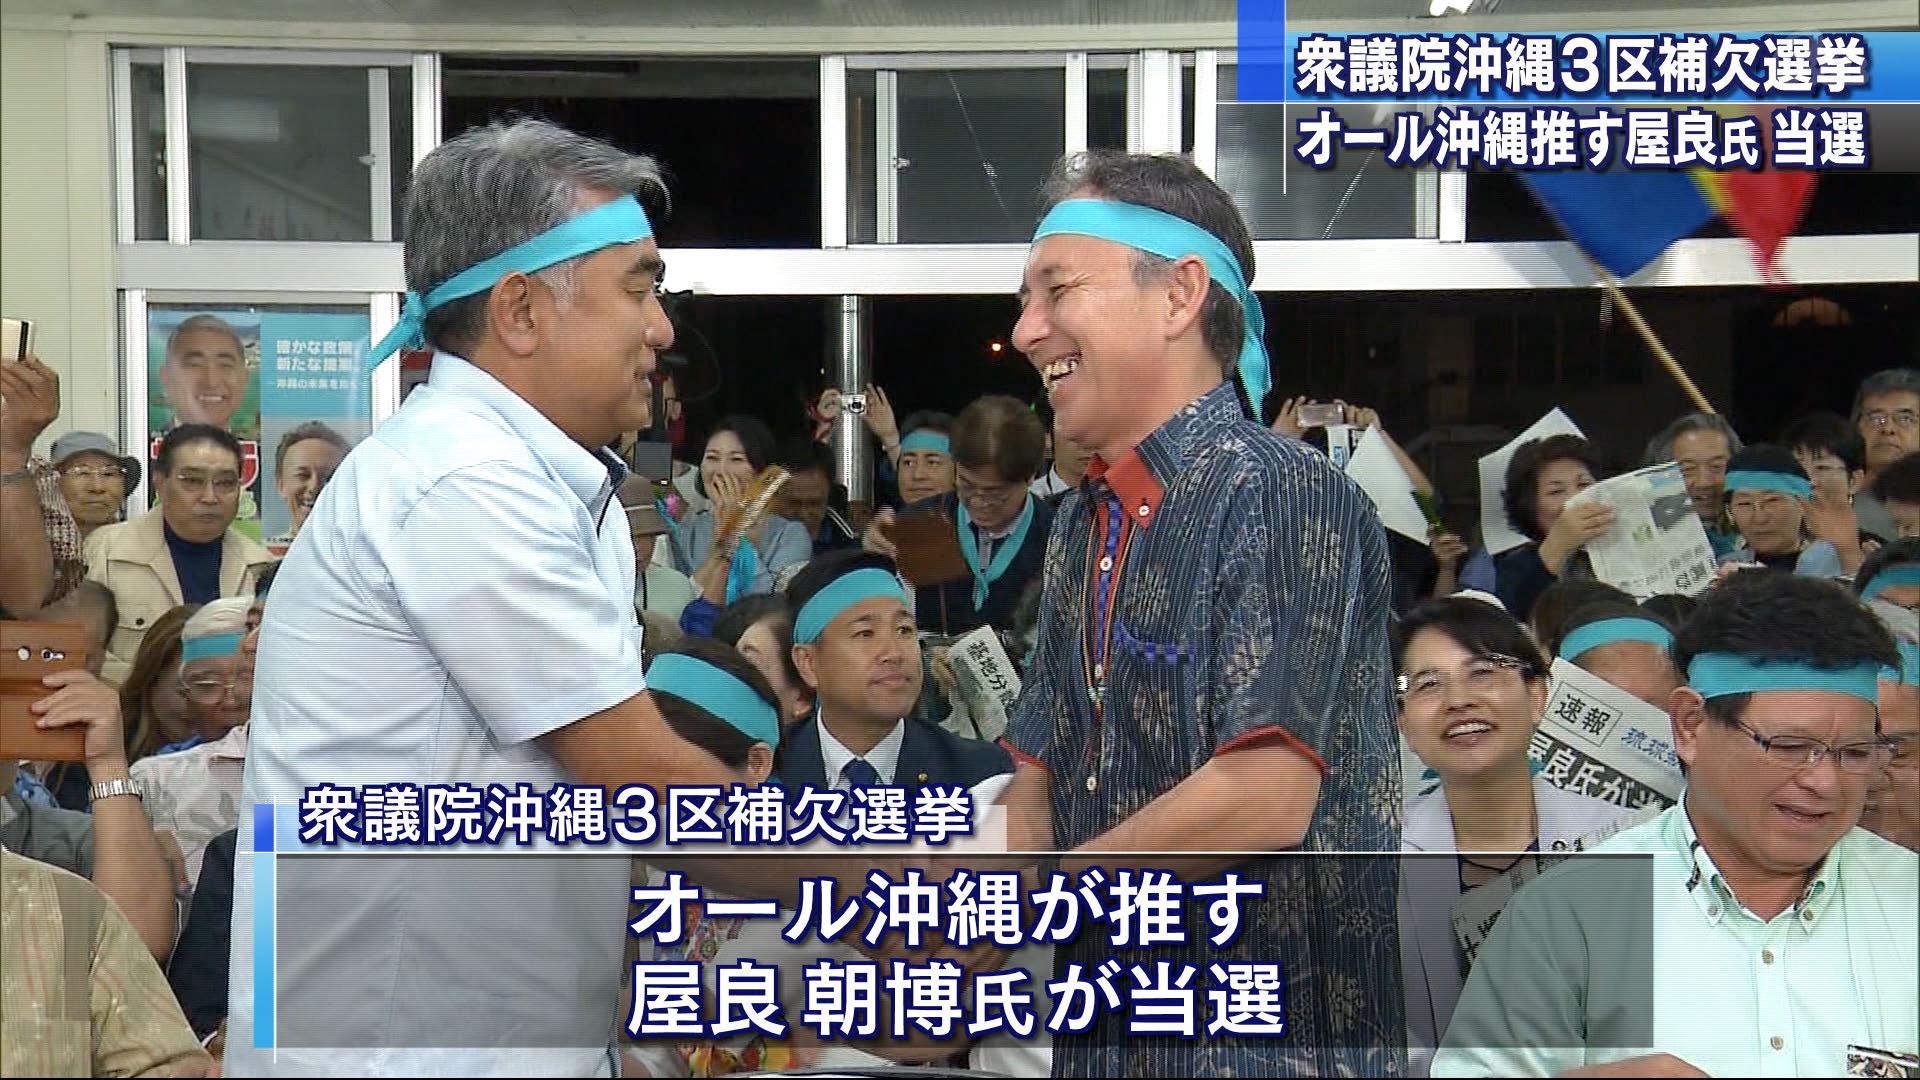 3区補選は屋良朝博さんが初当選